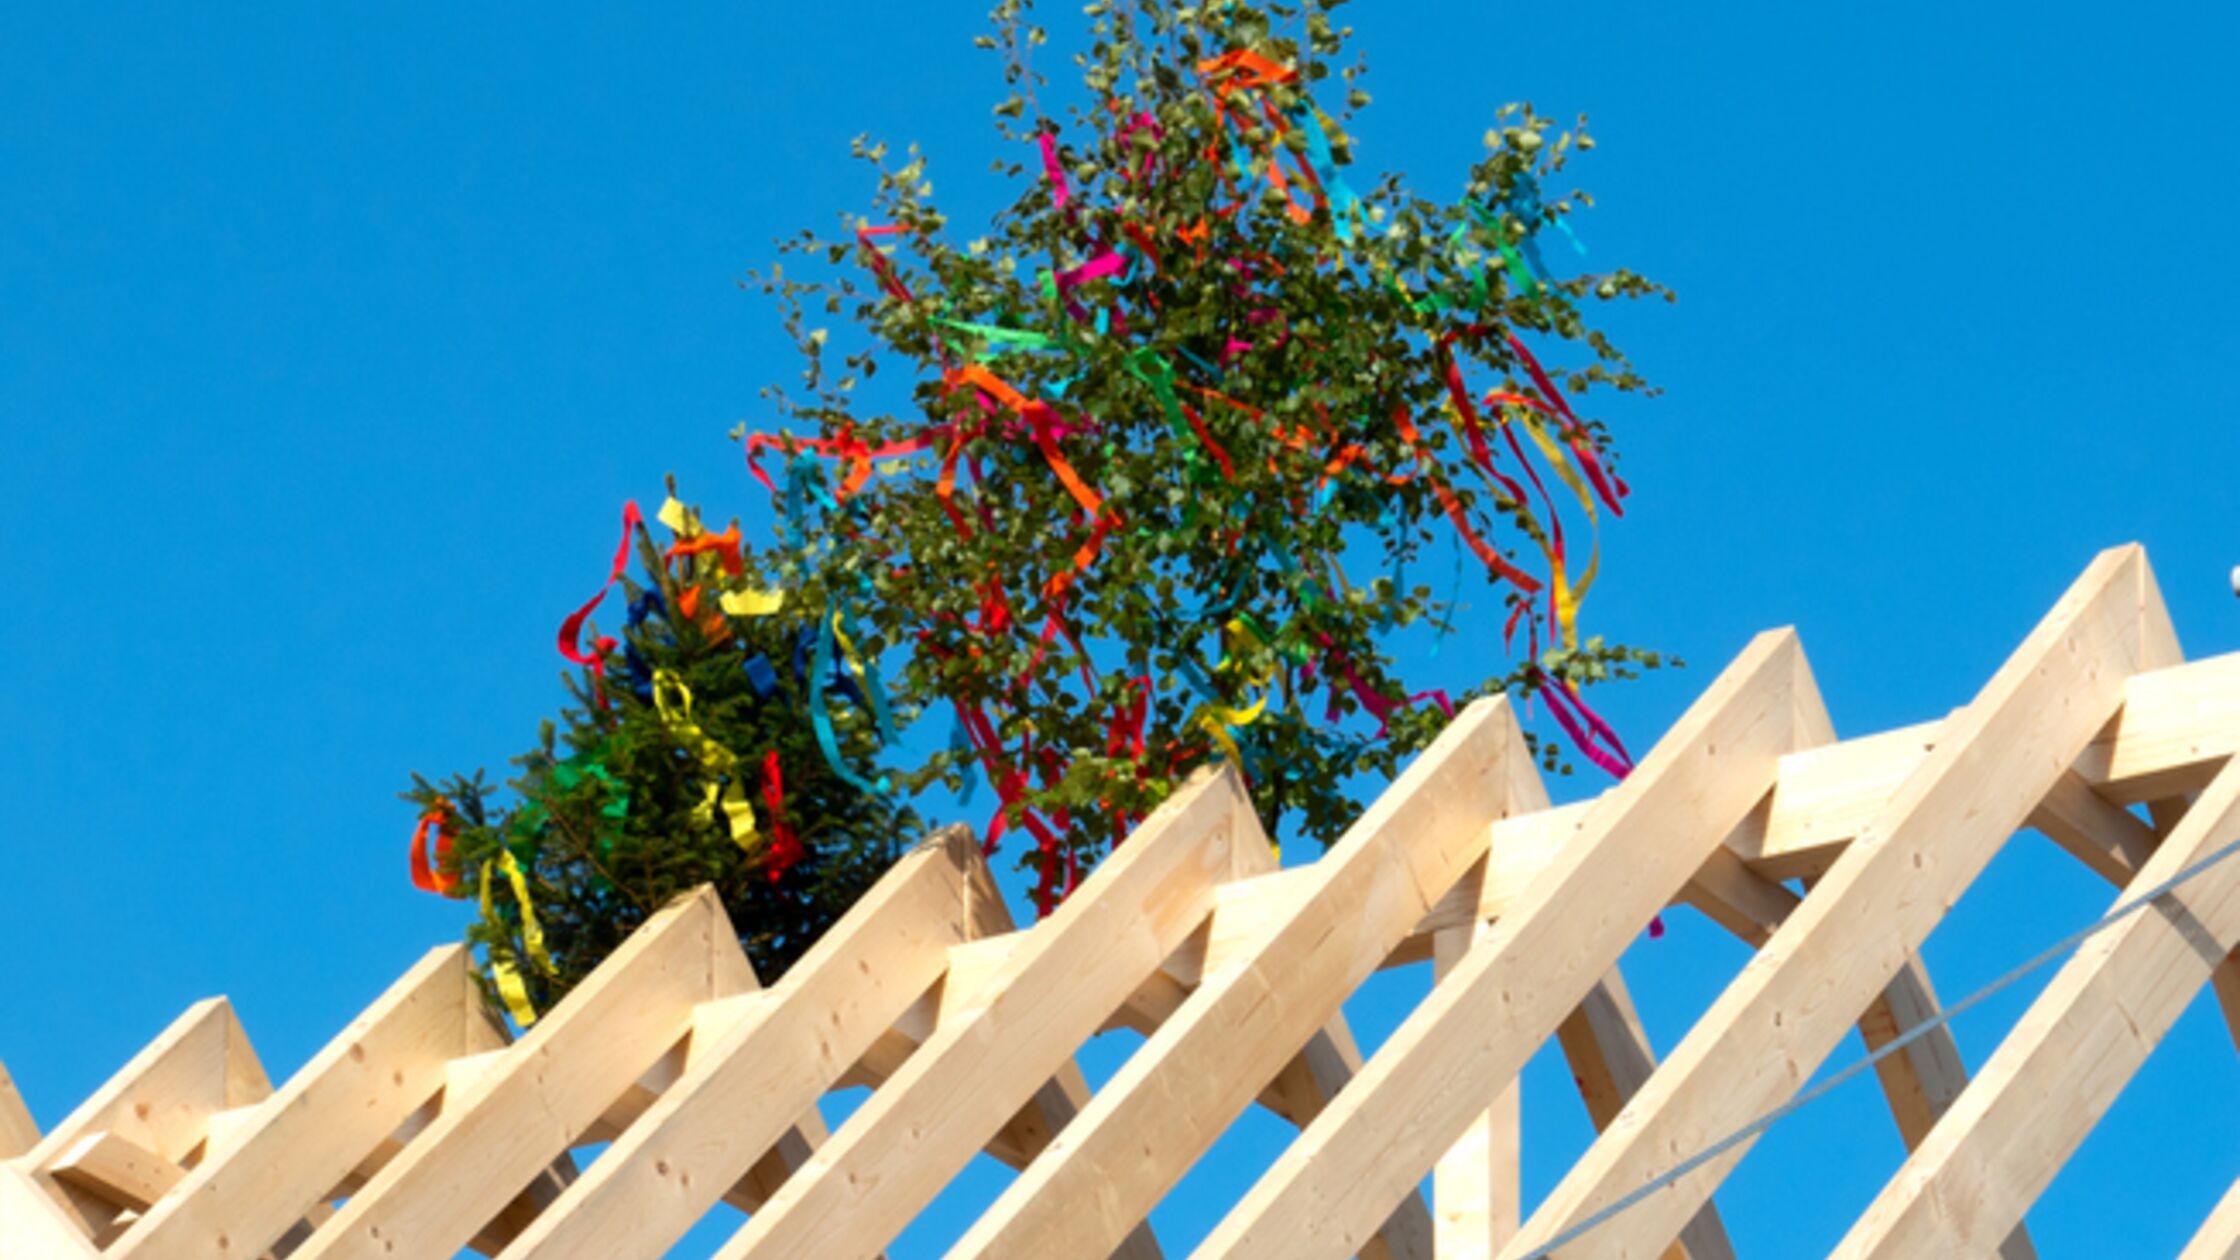 Richtfest feiern beim Hausbau: Diese Bräuche gehören zum Fest